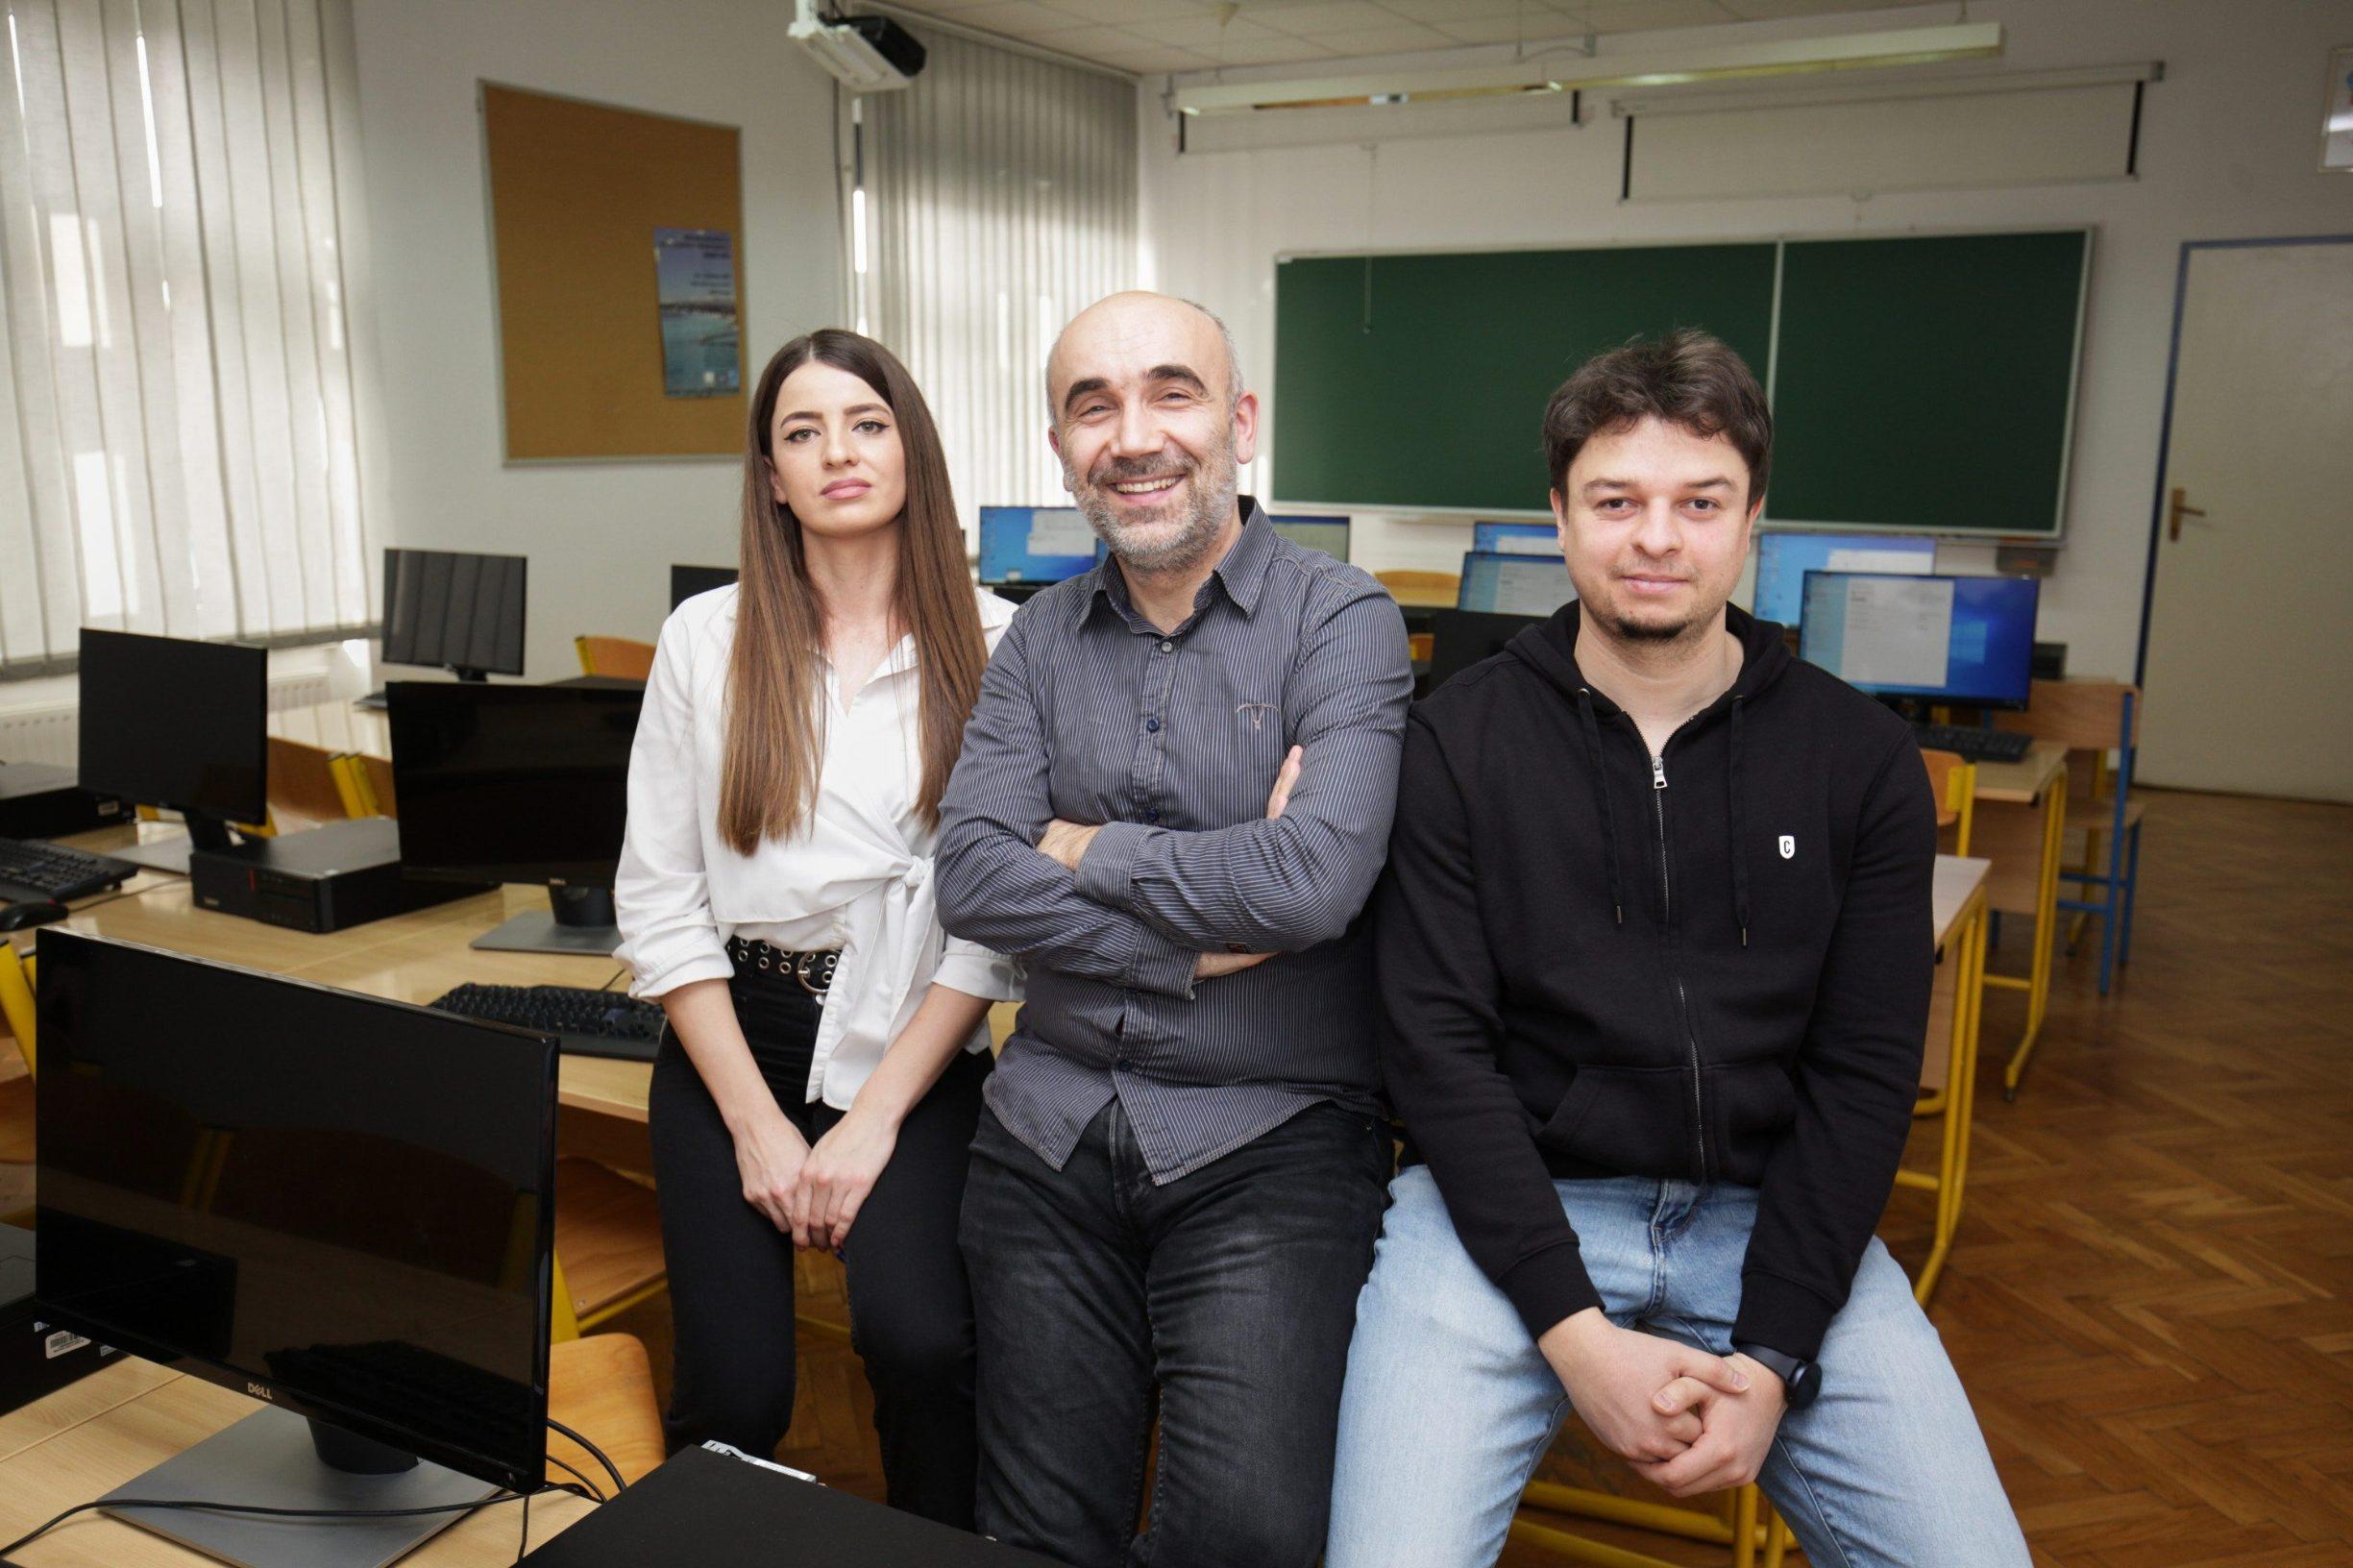 Jasenka Pejaković iz IT tvrtke Mono, prof. Domagoj Matijević, voditelj studijskog programa Matematika i računarstvo, i Ivan Jurlina iz Osijek Software City